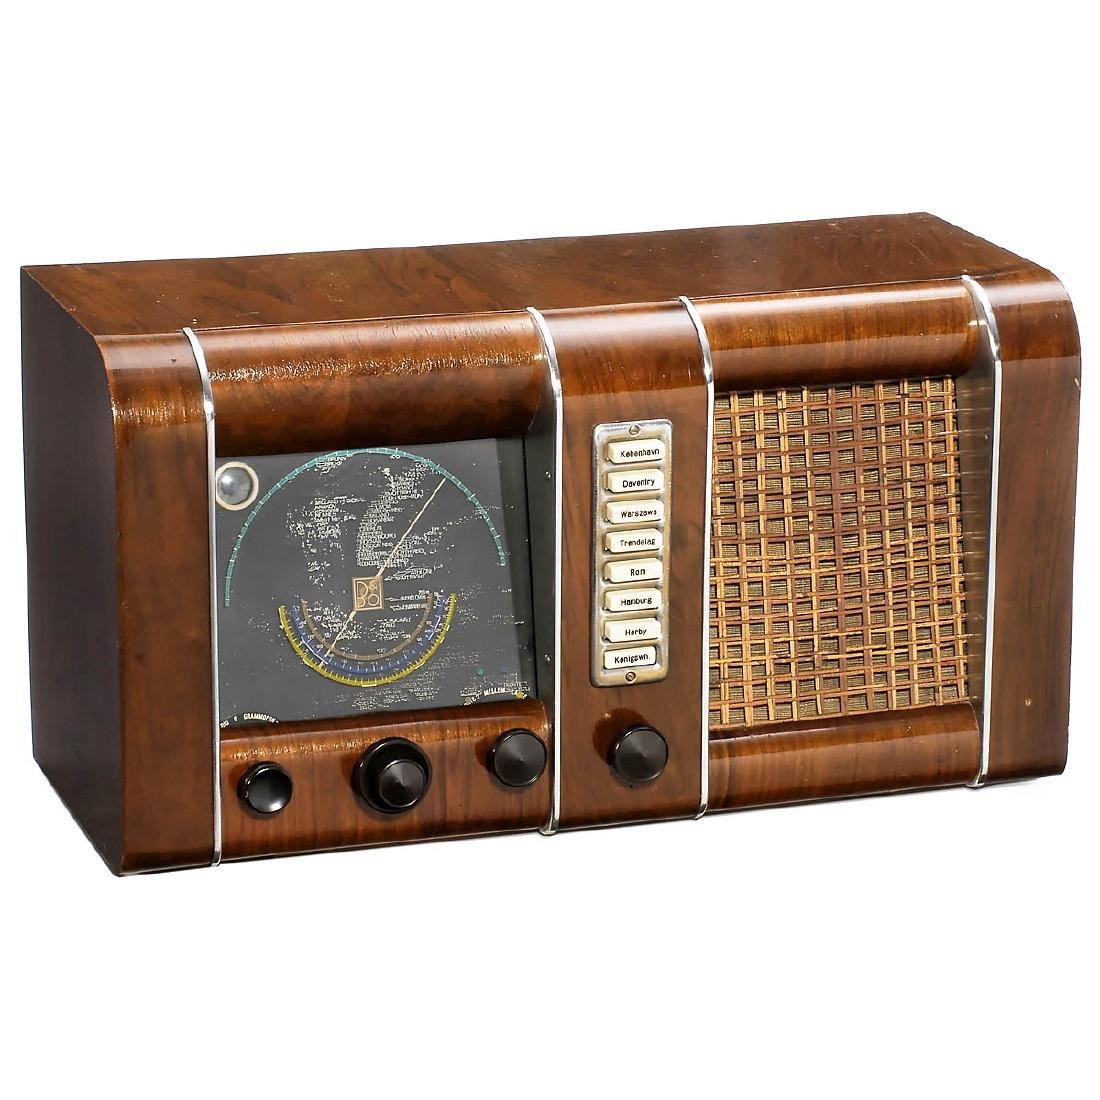 B&O Master 39K Radio, 1939